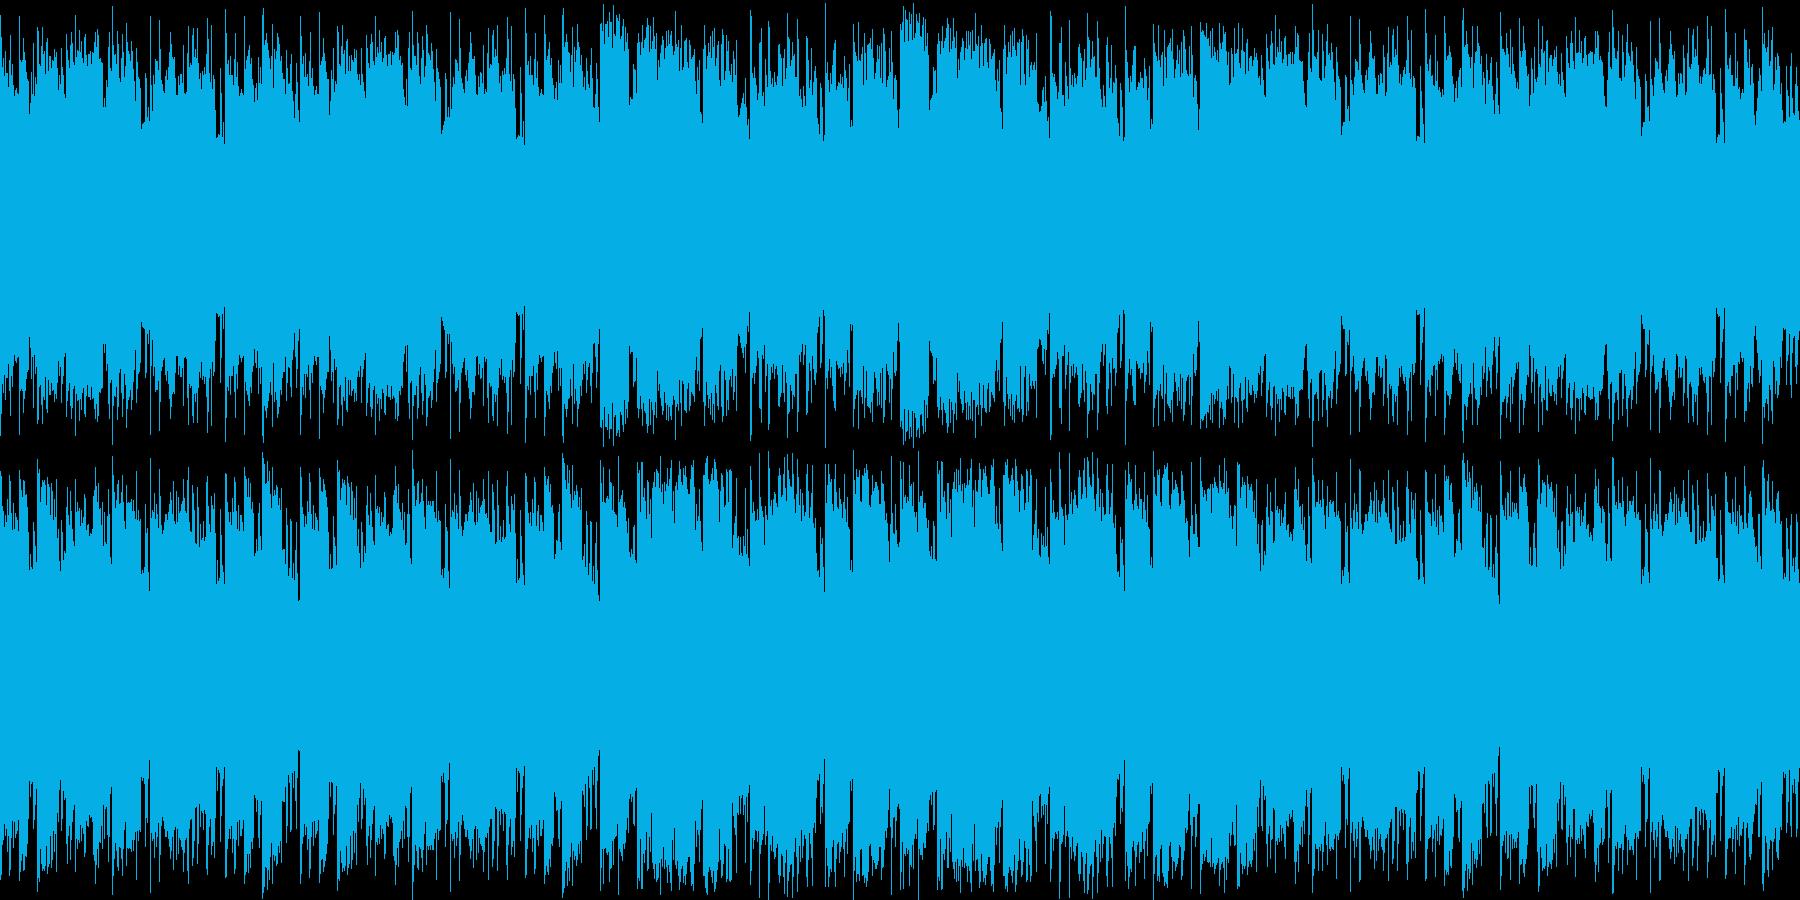 ほのぼの日常系ループ素材の再生済みの波形